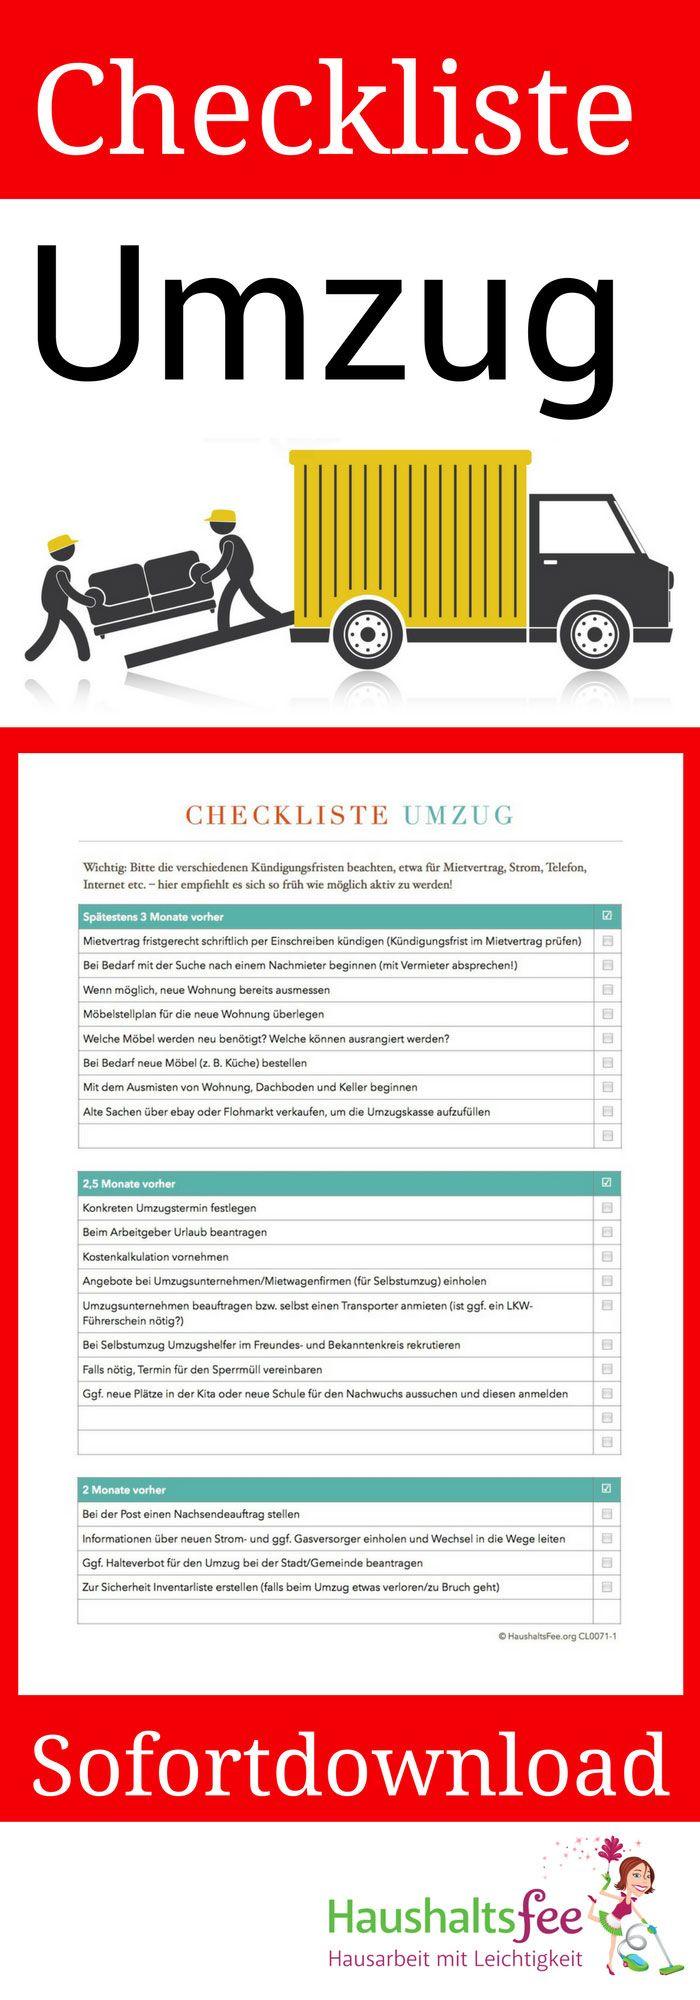 Checkliste Umzug – 89 Dinge, die beachtet werden müssen. Lade die hier die Checkliste herunter.